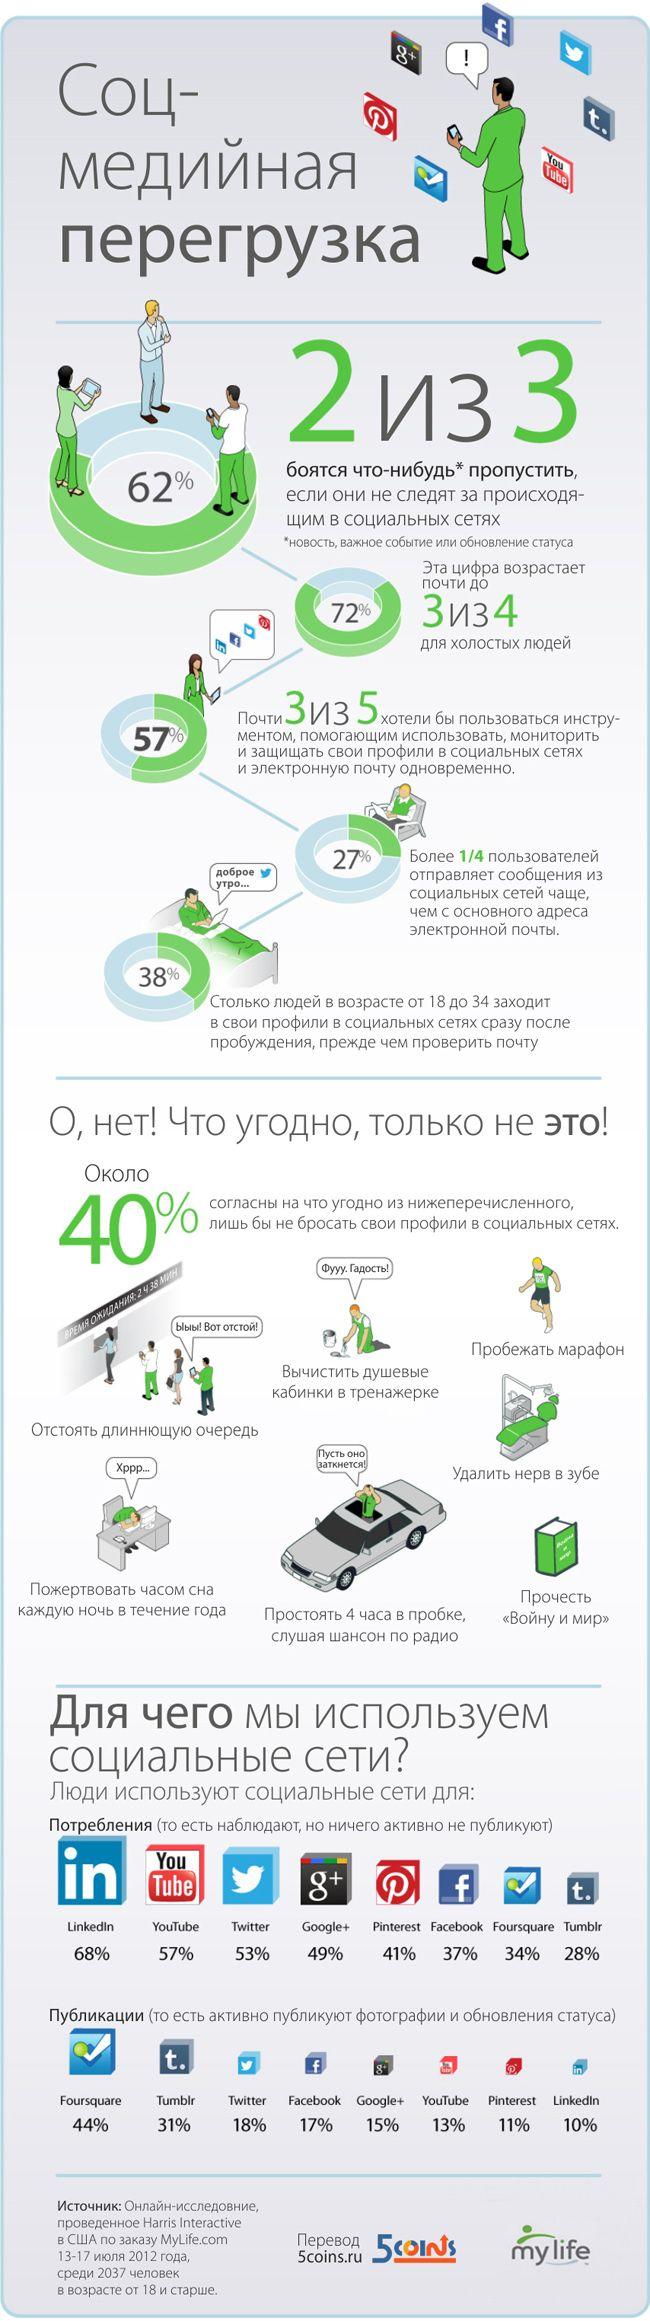 Инфографика: соц-медийная перегрузка . Покупай брендовую одежду и обувь по купонам с vanlov.ru